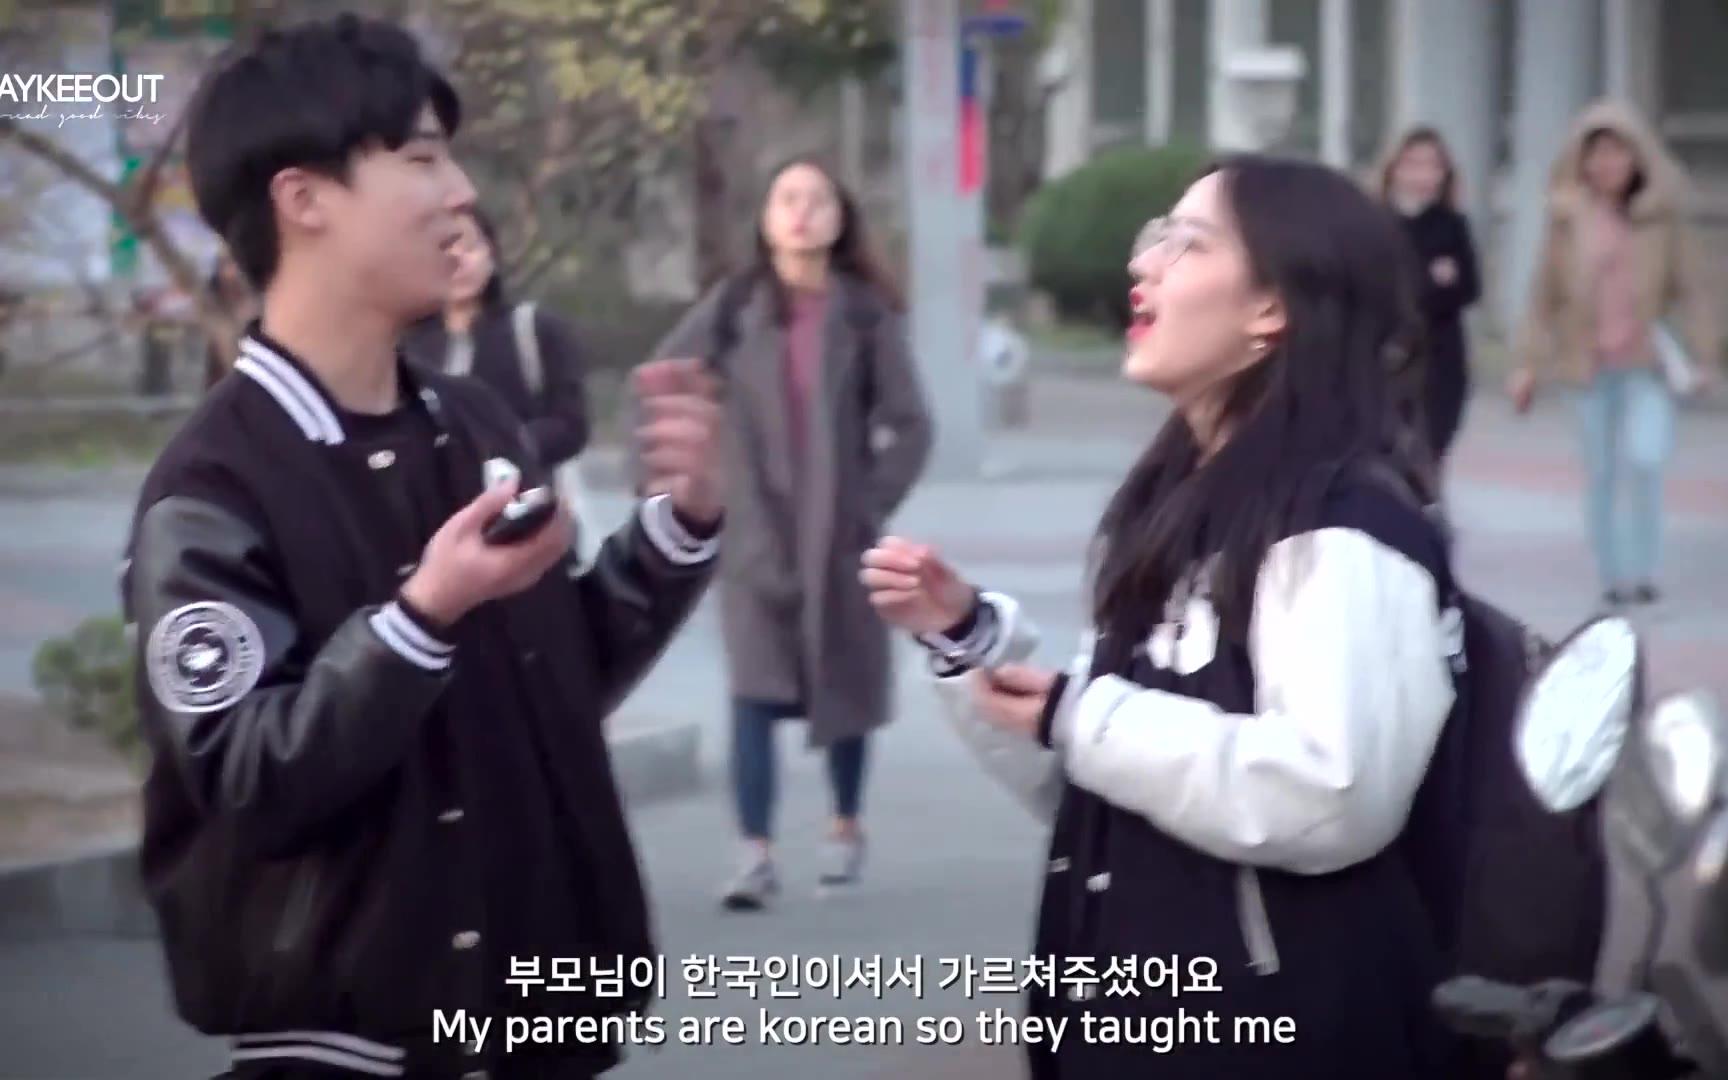 假装成外国交换生,在首尔大学用英语问路,试试这些高材生们的英语水平怎么样